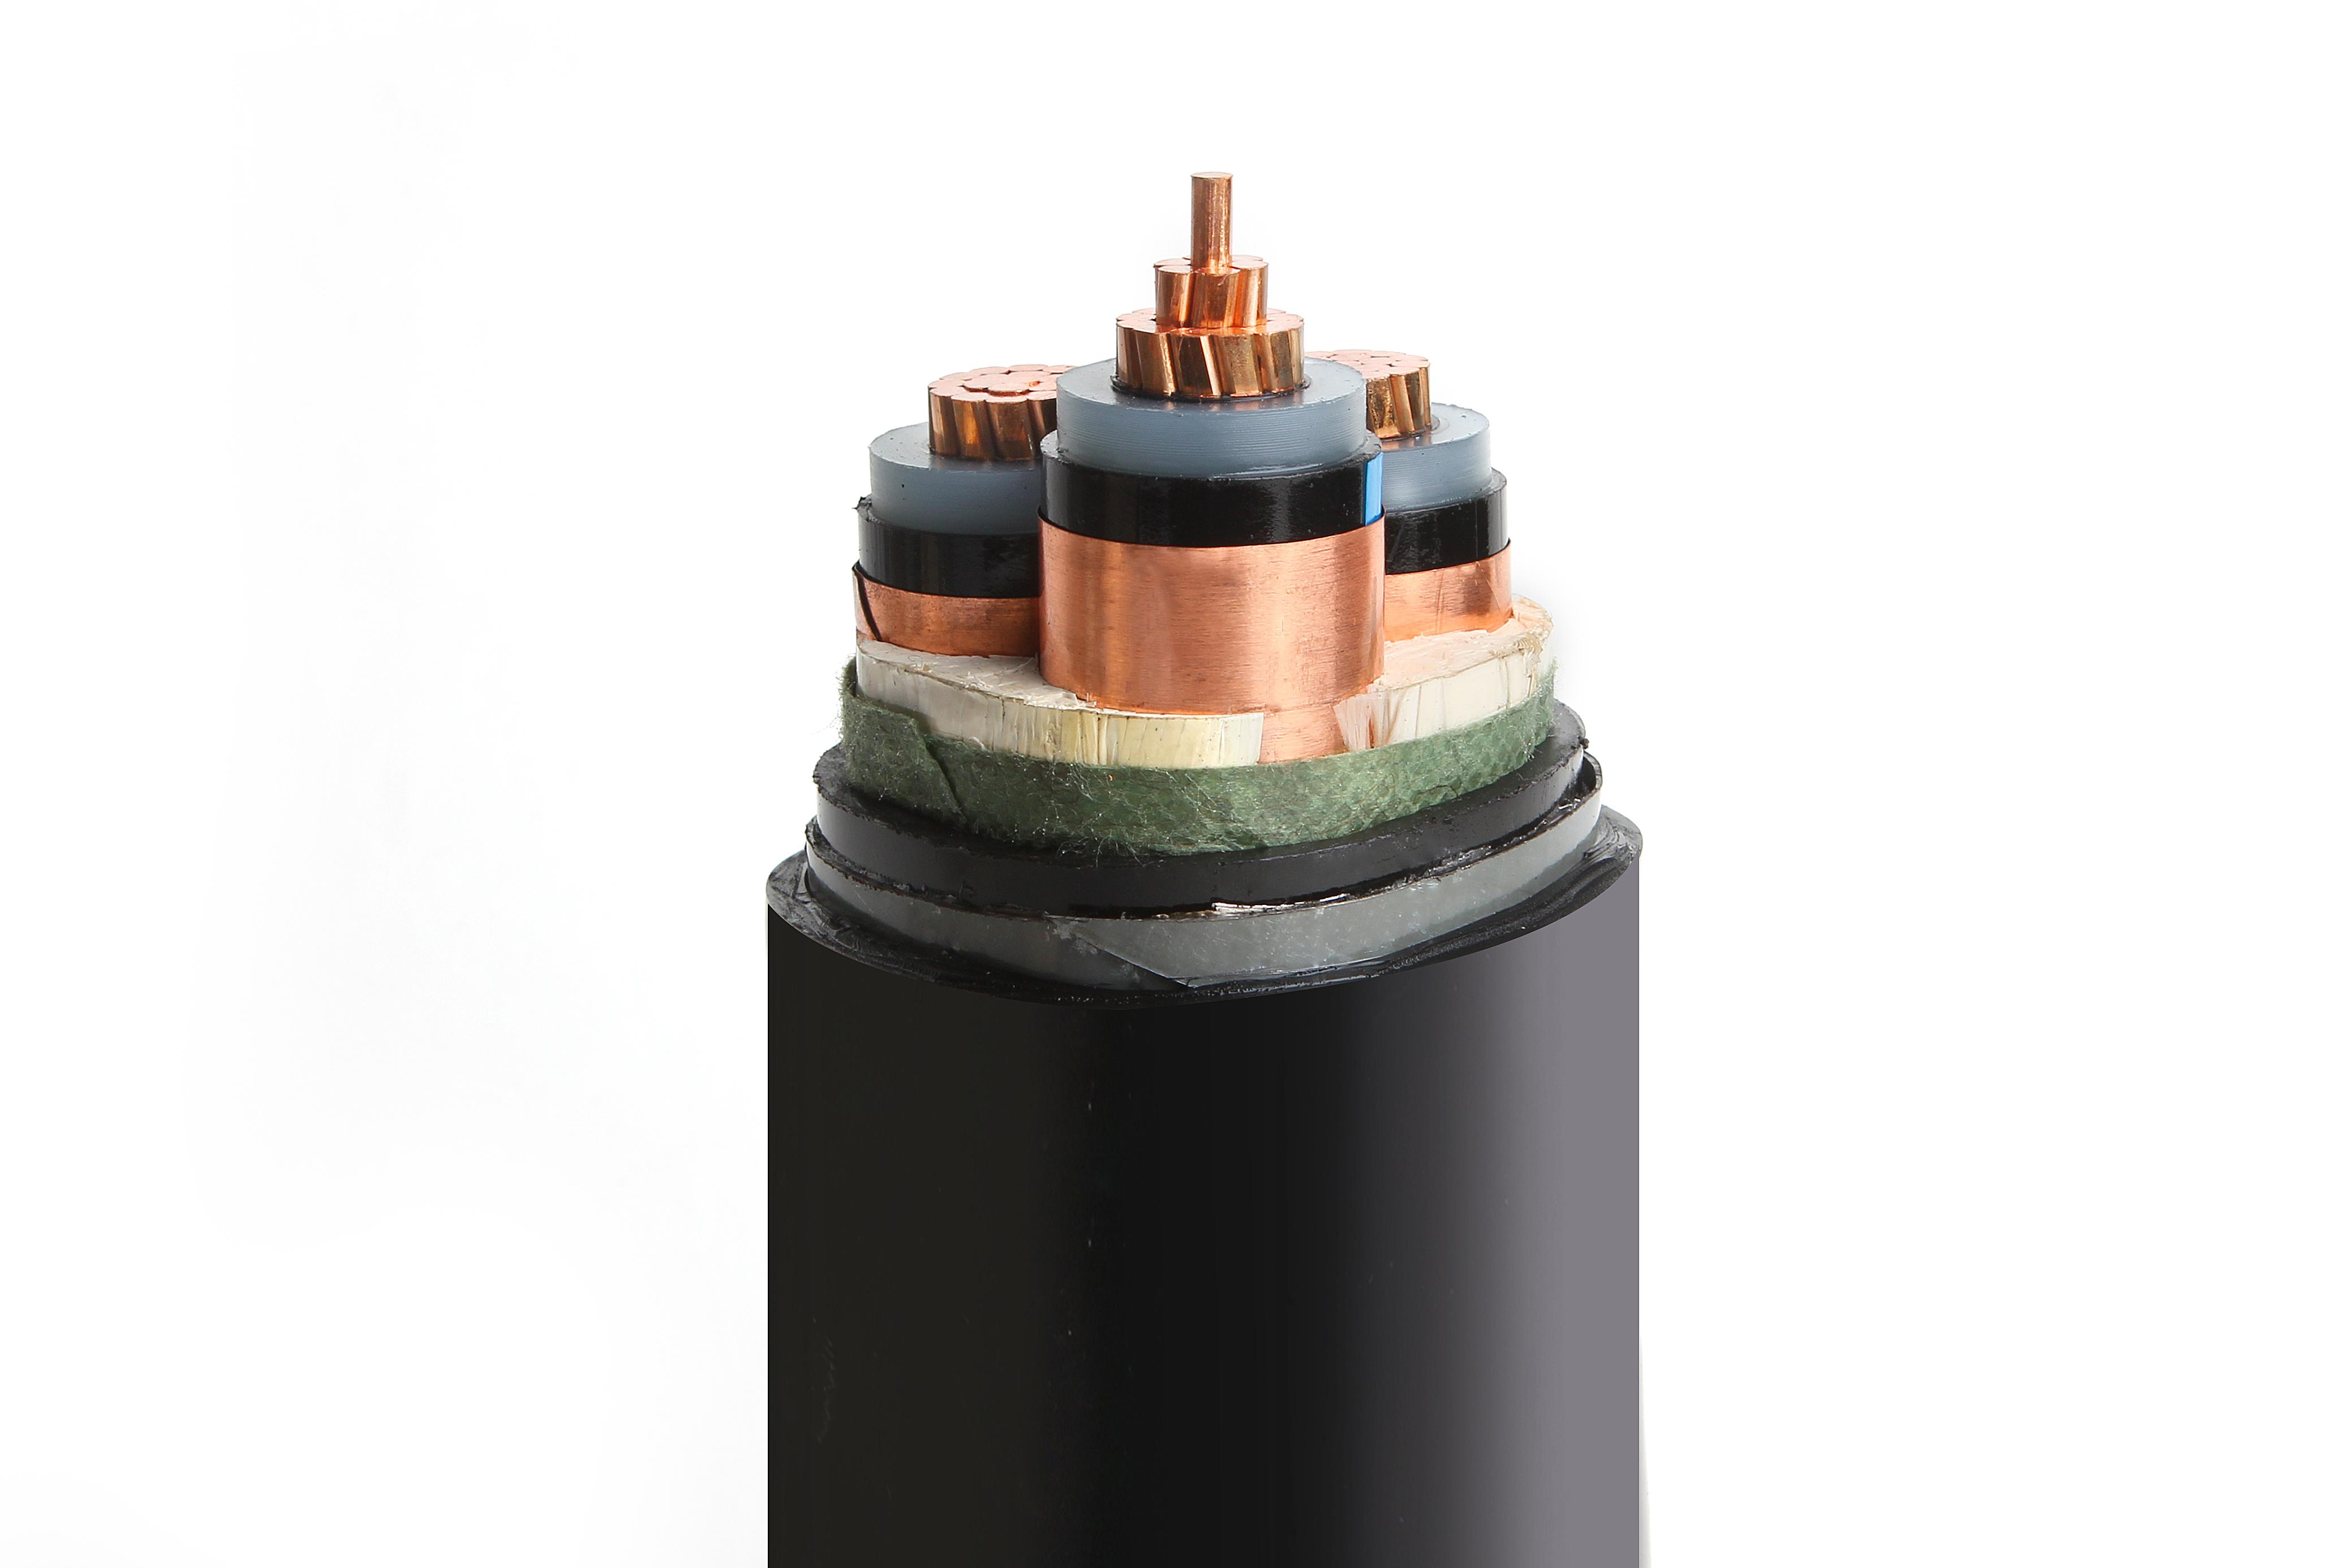 高压电缆,富阳工业园区的选择